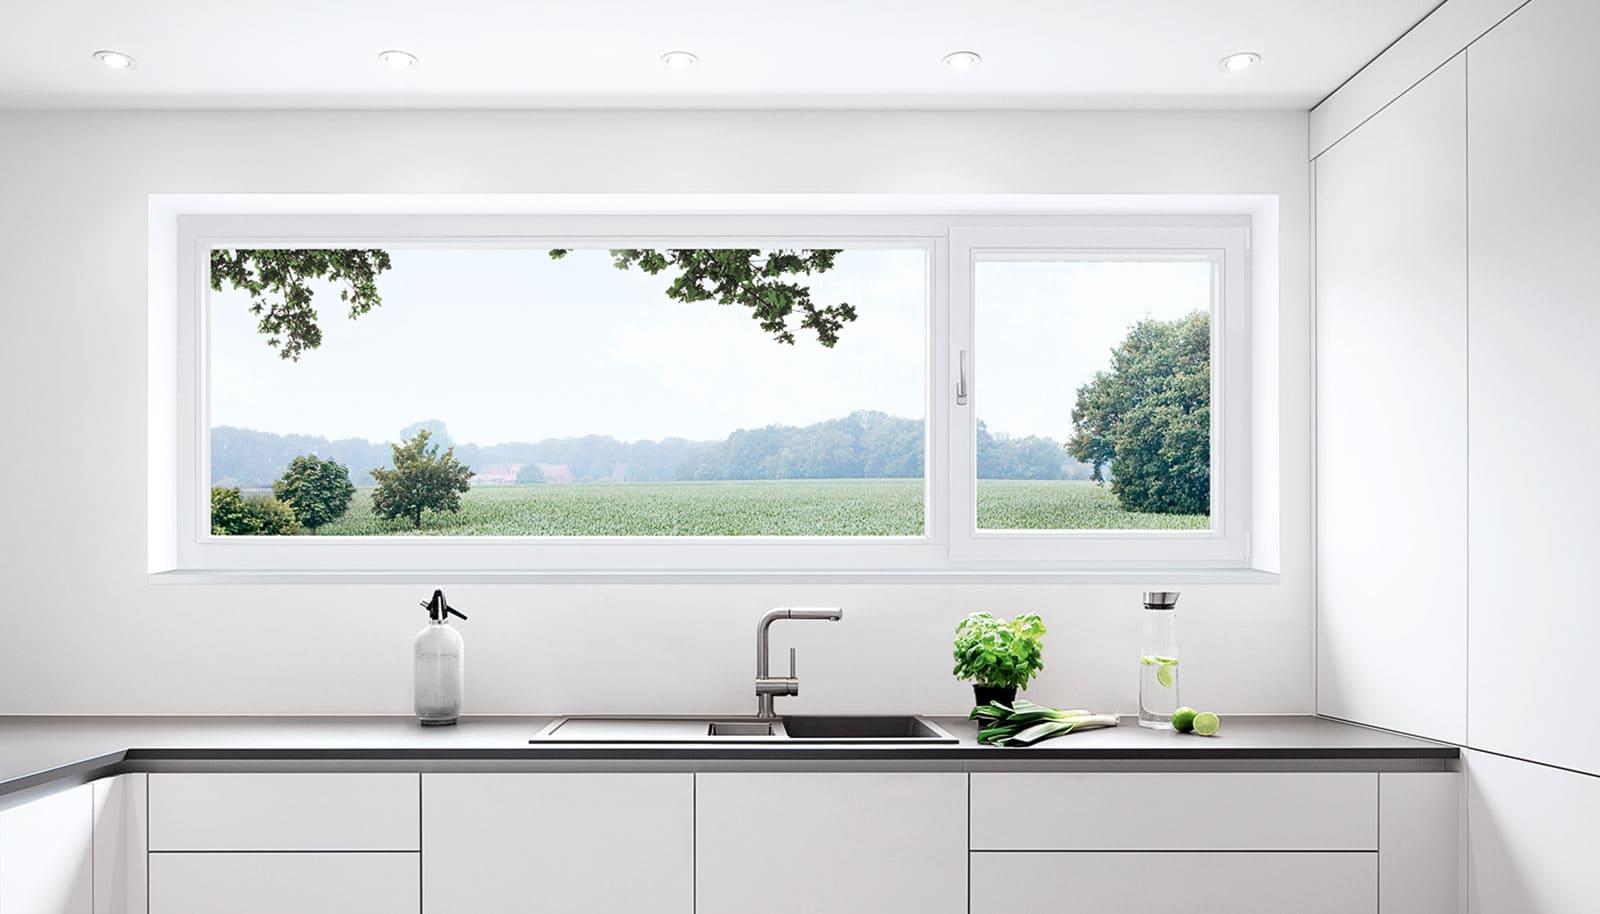 Kunststofffenster, Küchenfenster